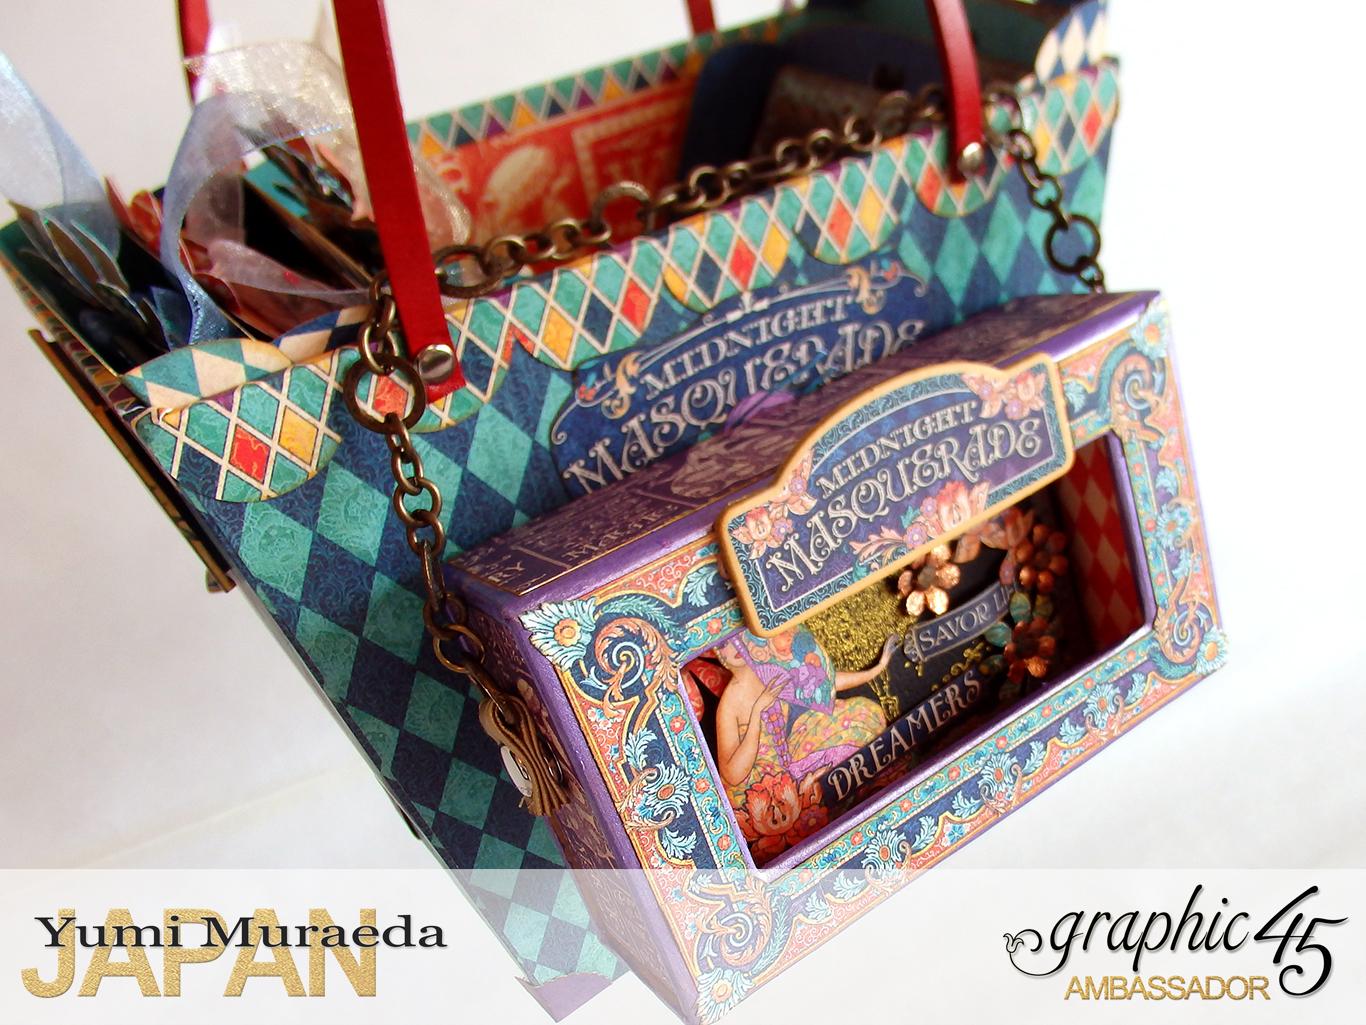 5ATCcasewithshopwindowbagdesignbyYumiMuraedaProducebyGraphic45.jpg